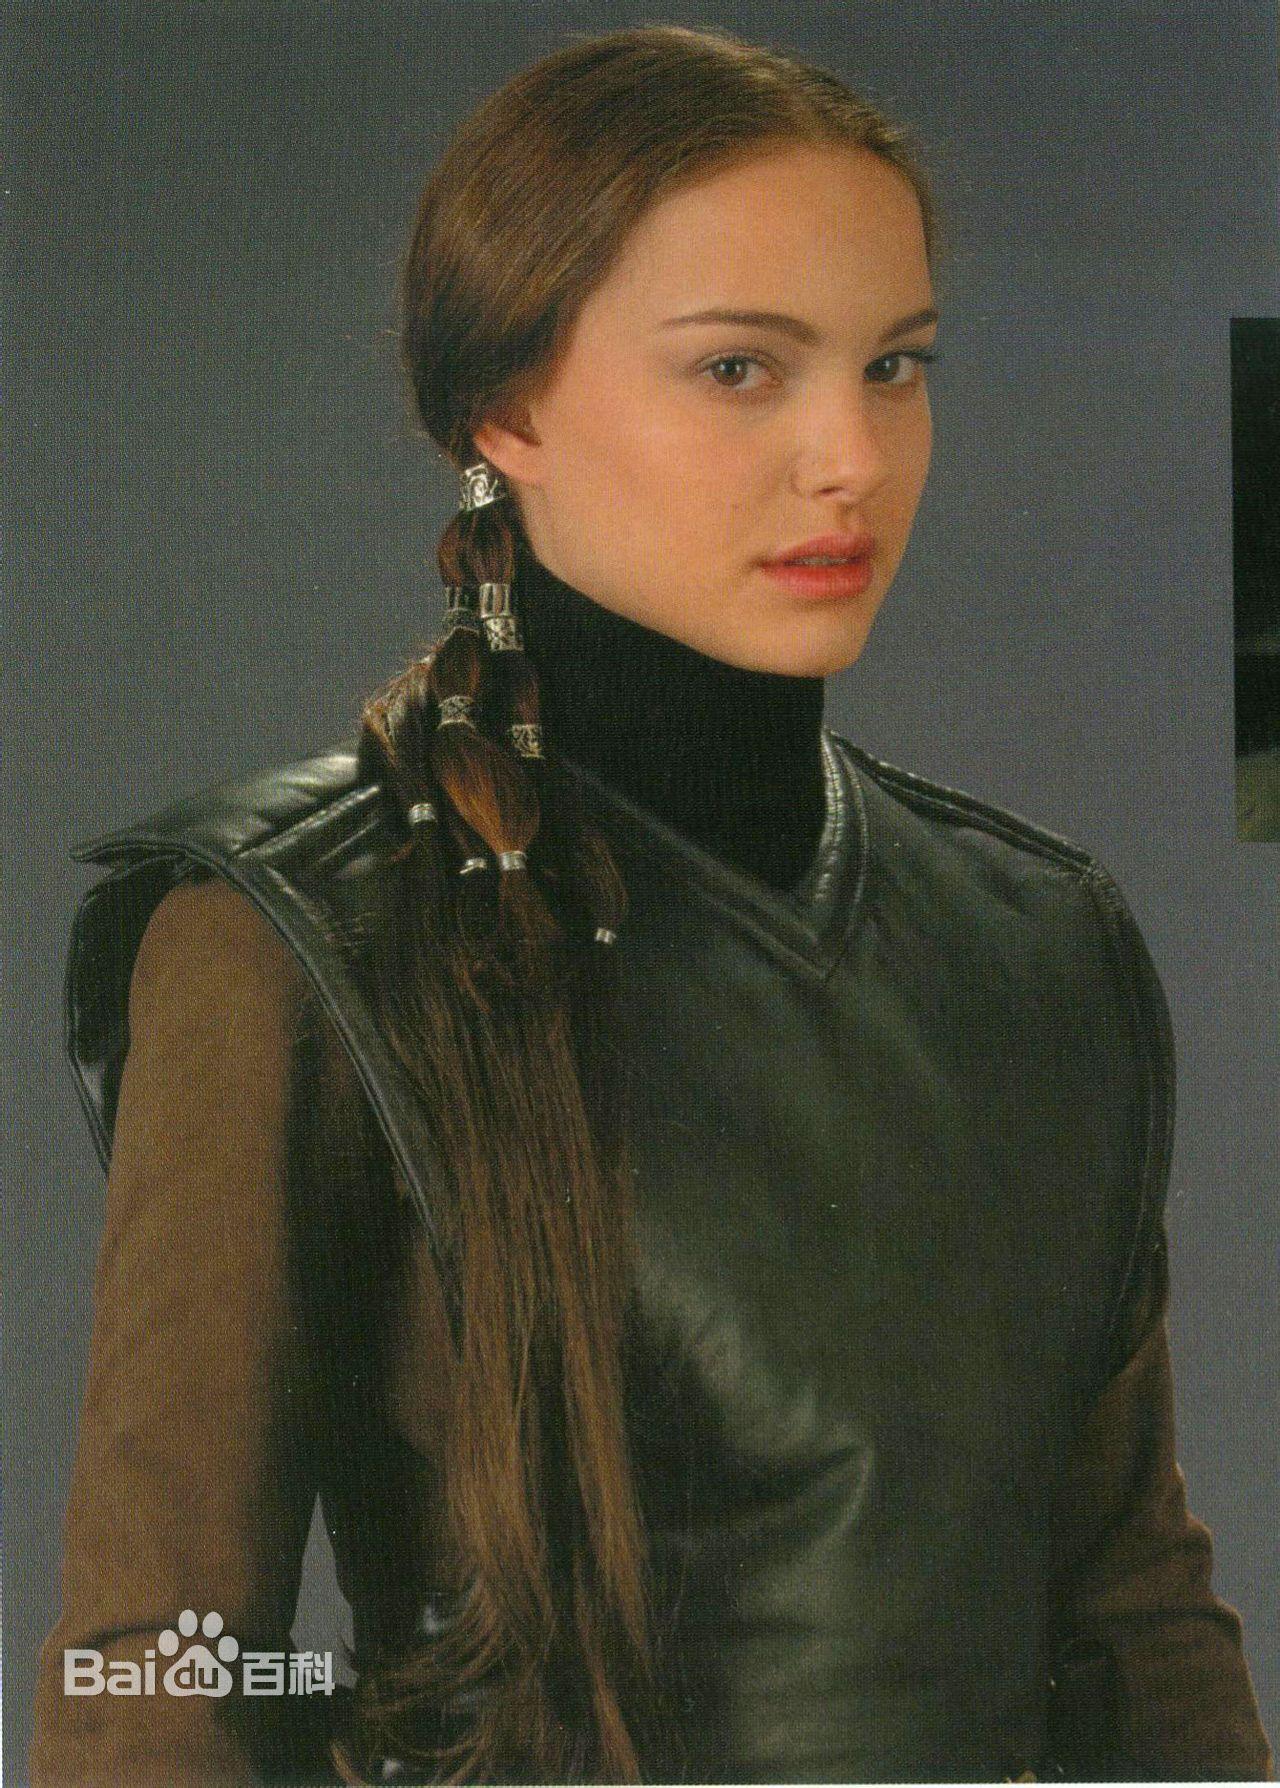 星球大战2:克隆人的进攻图片_百度百科 Natalie Portman